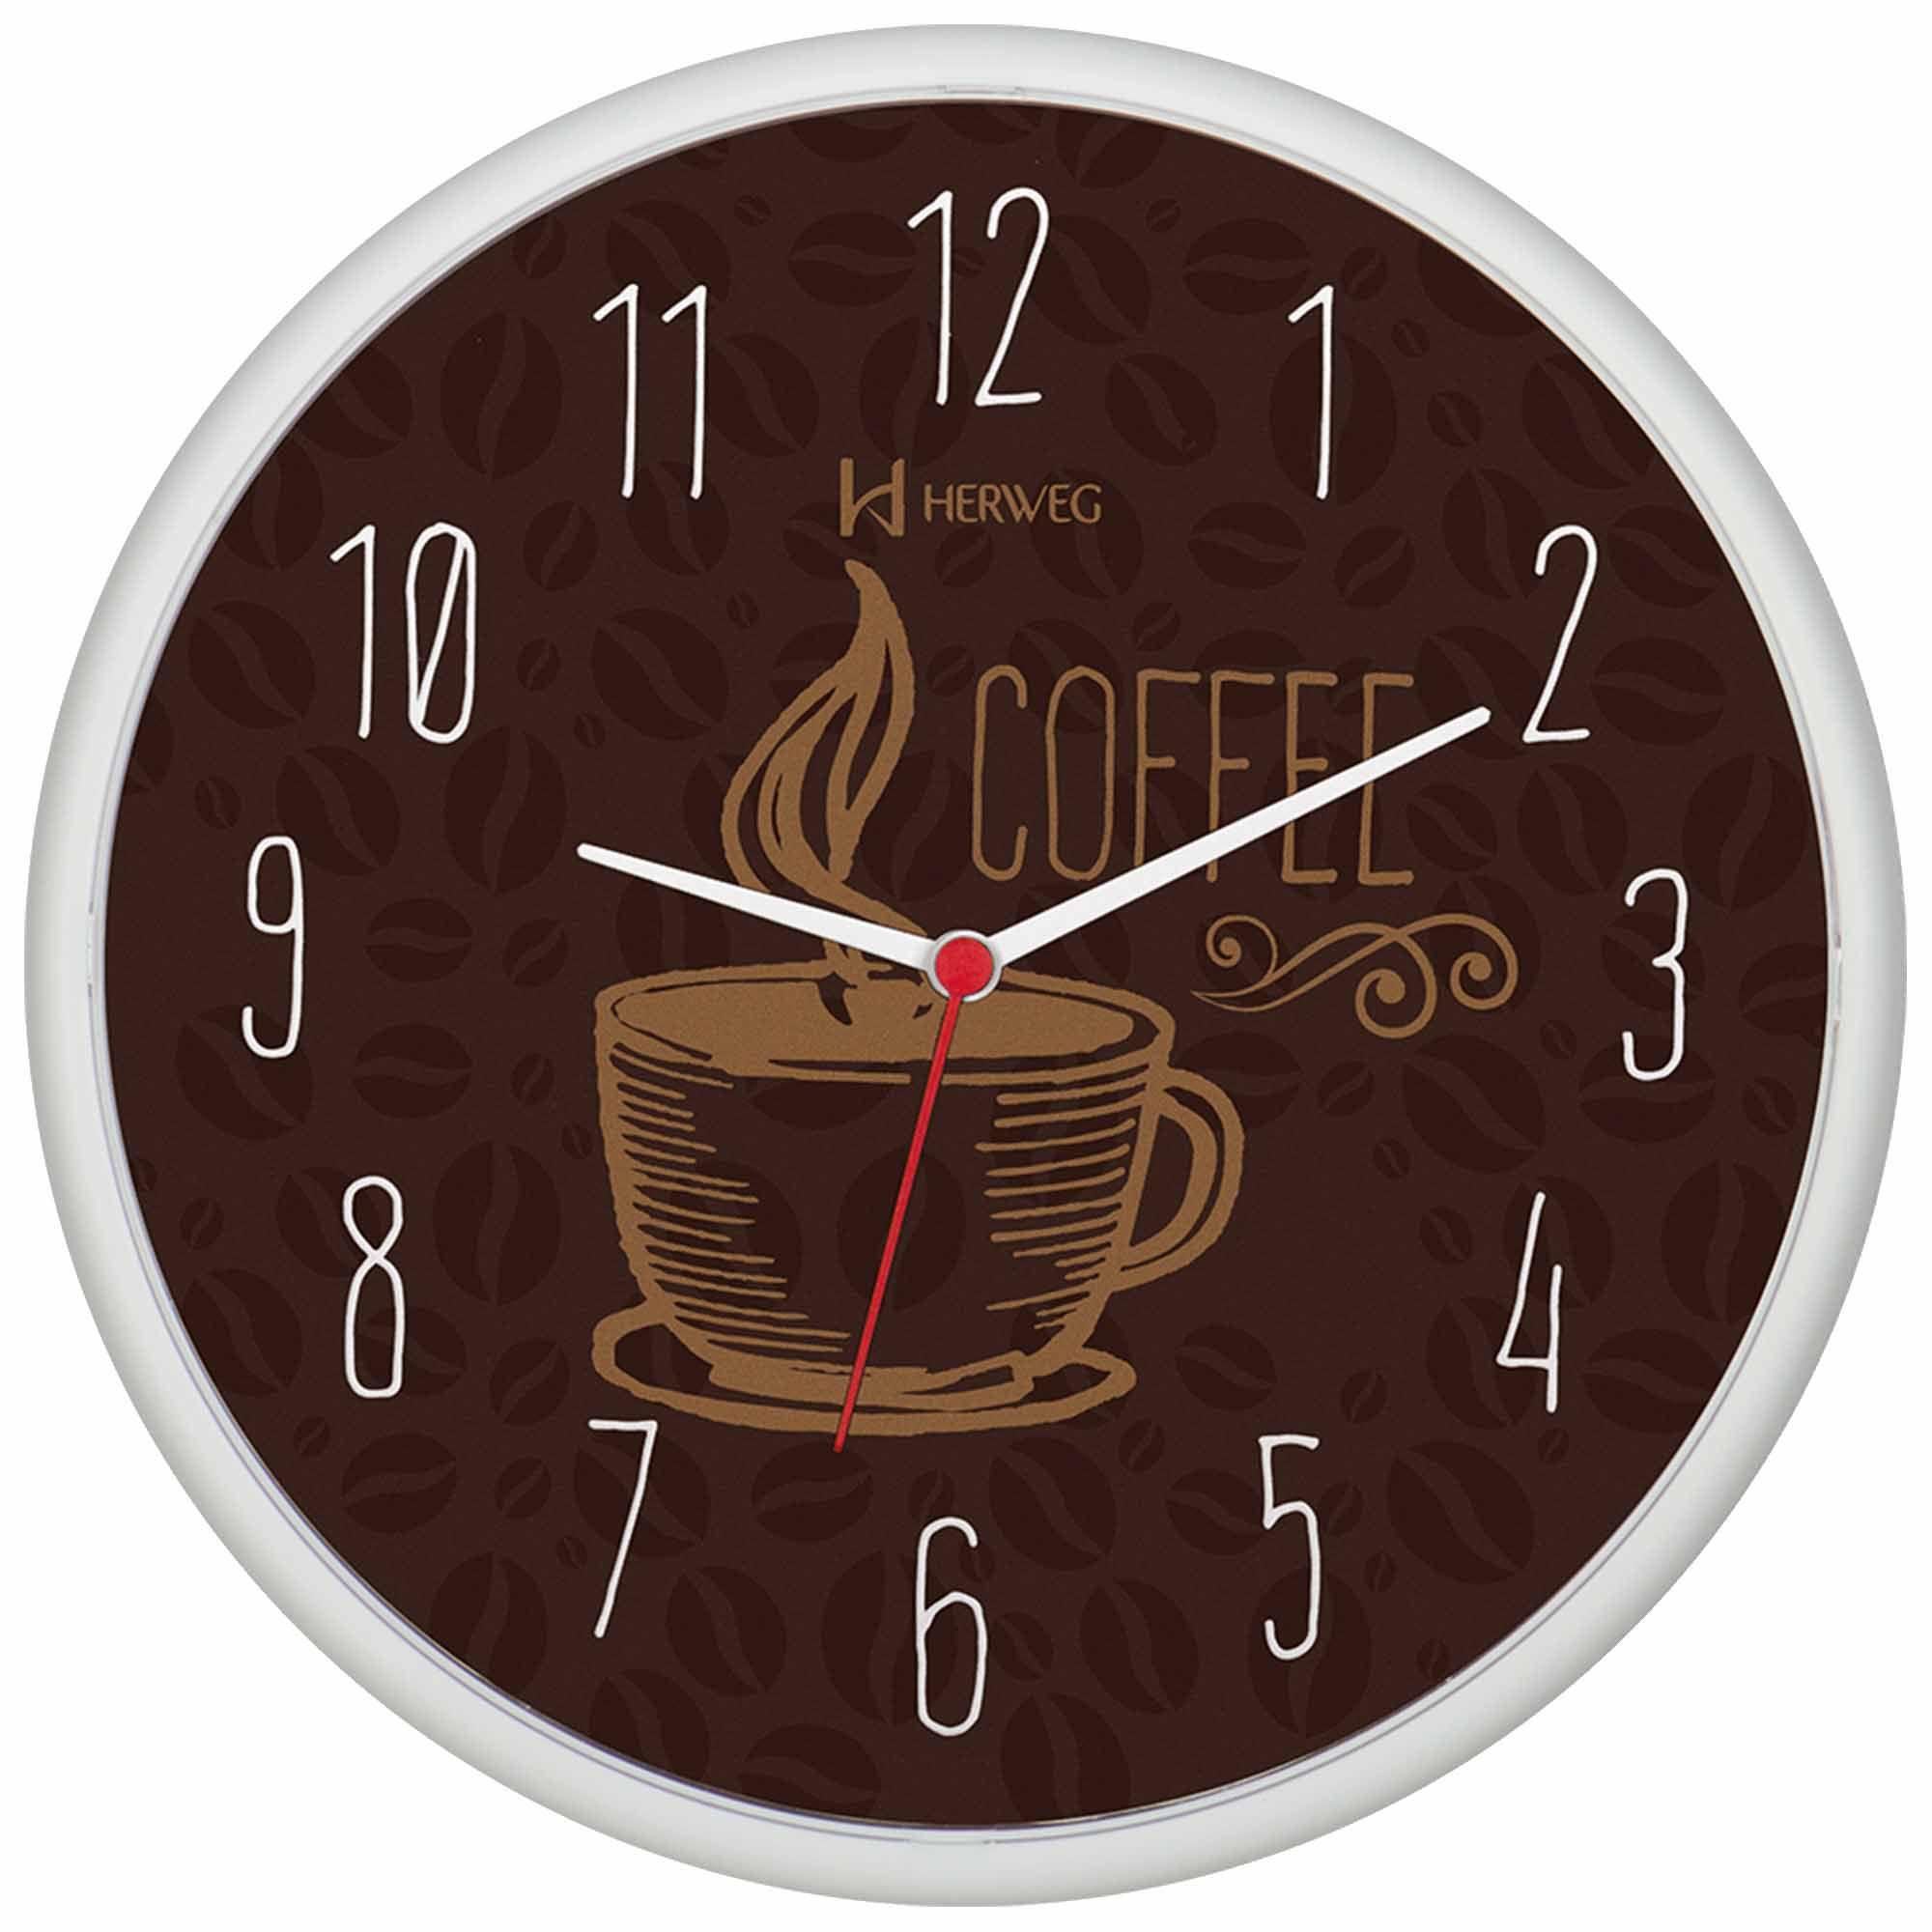 Relógio de Parede Analógico Herweg 660014 021 Branco